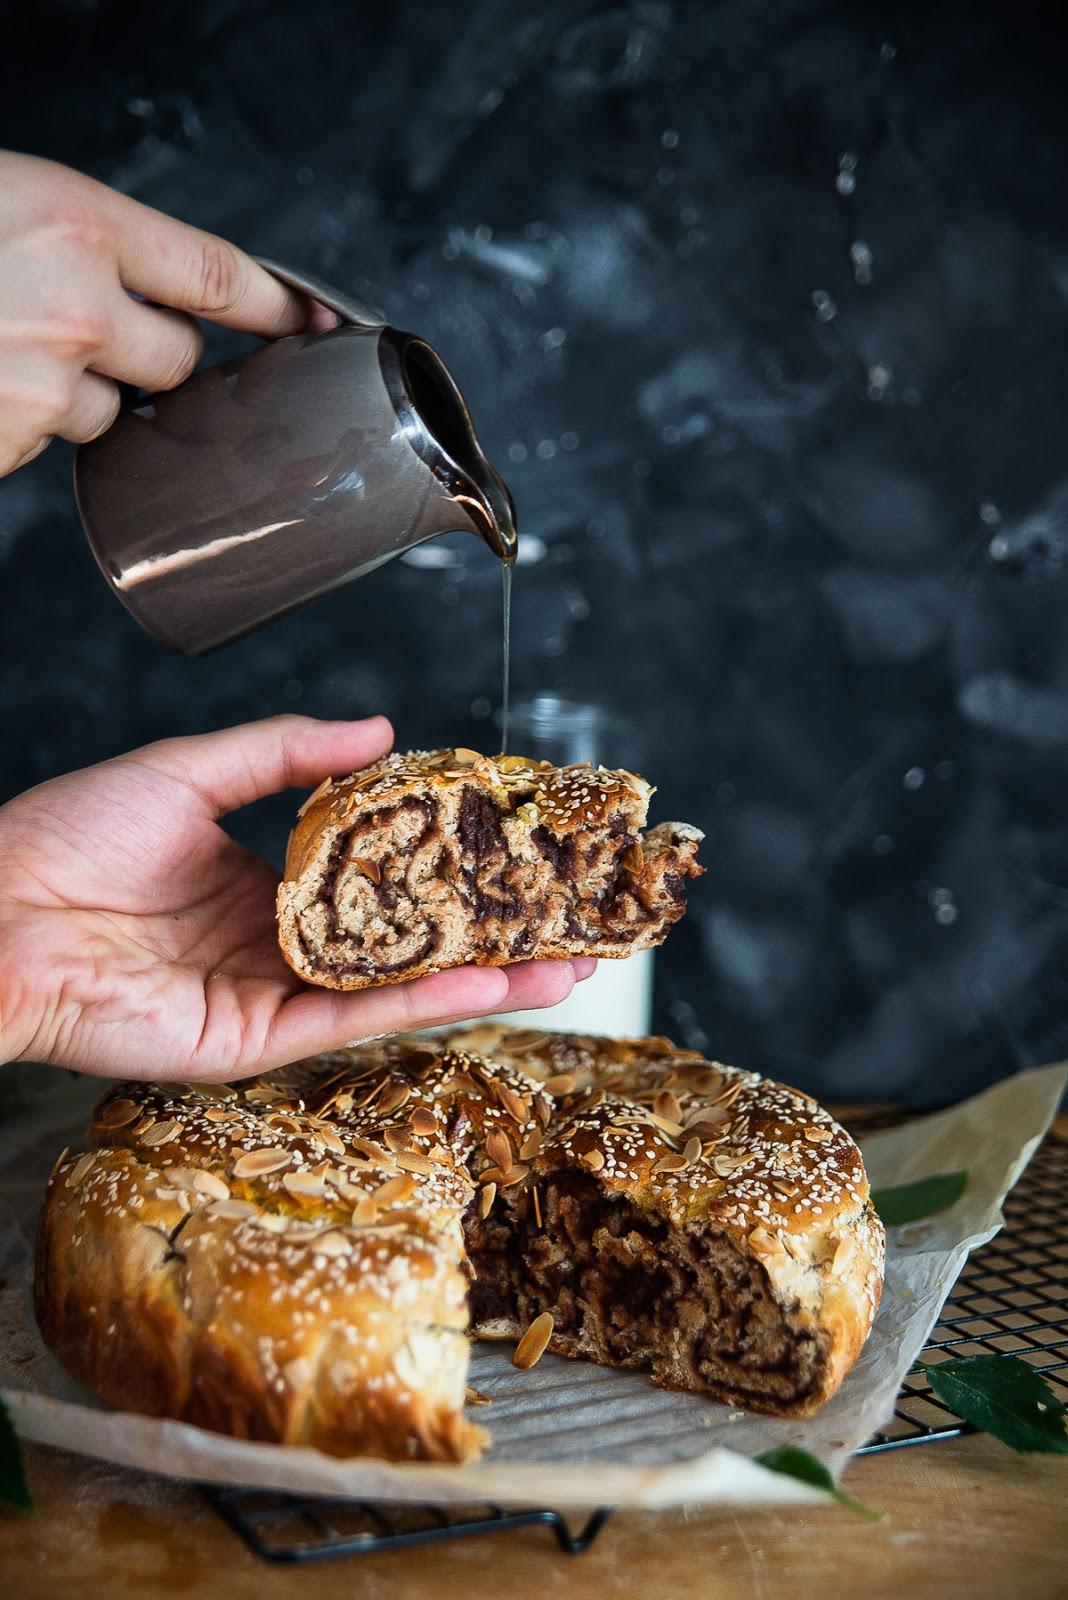 Drożdżowe ciasto orkiszowo-żytnie z czekoladą z daktyli